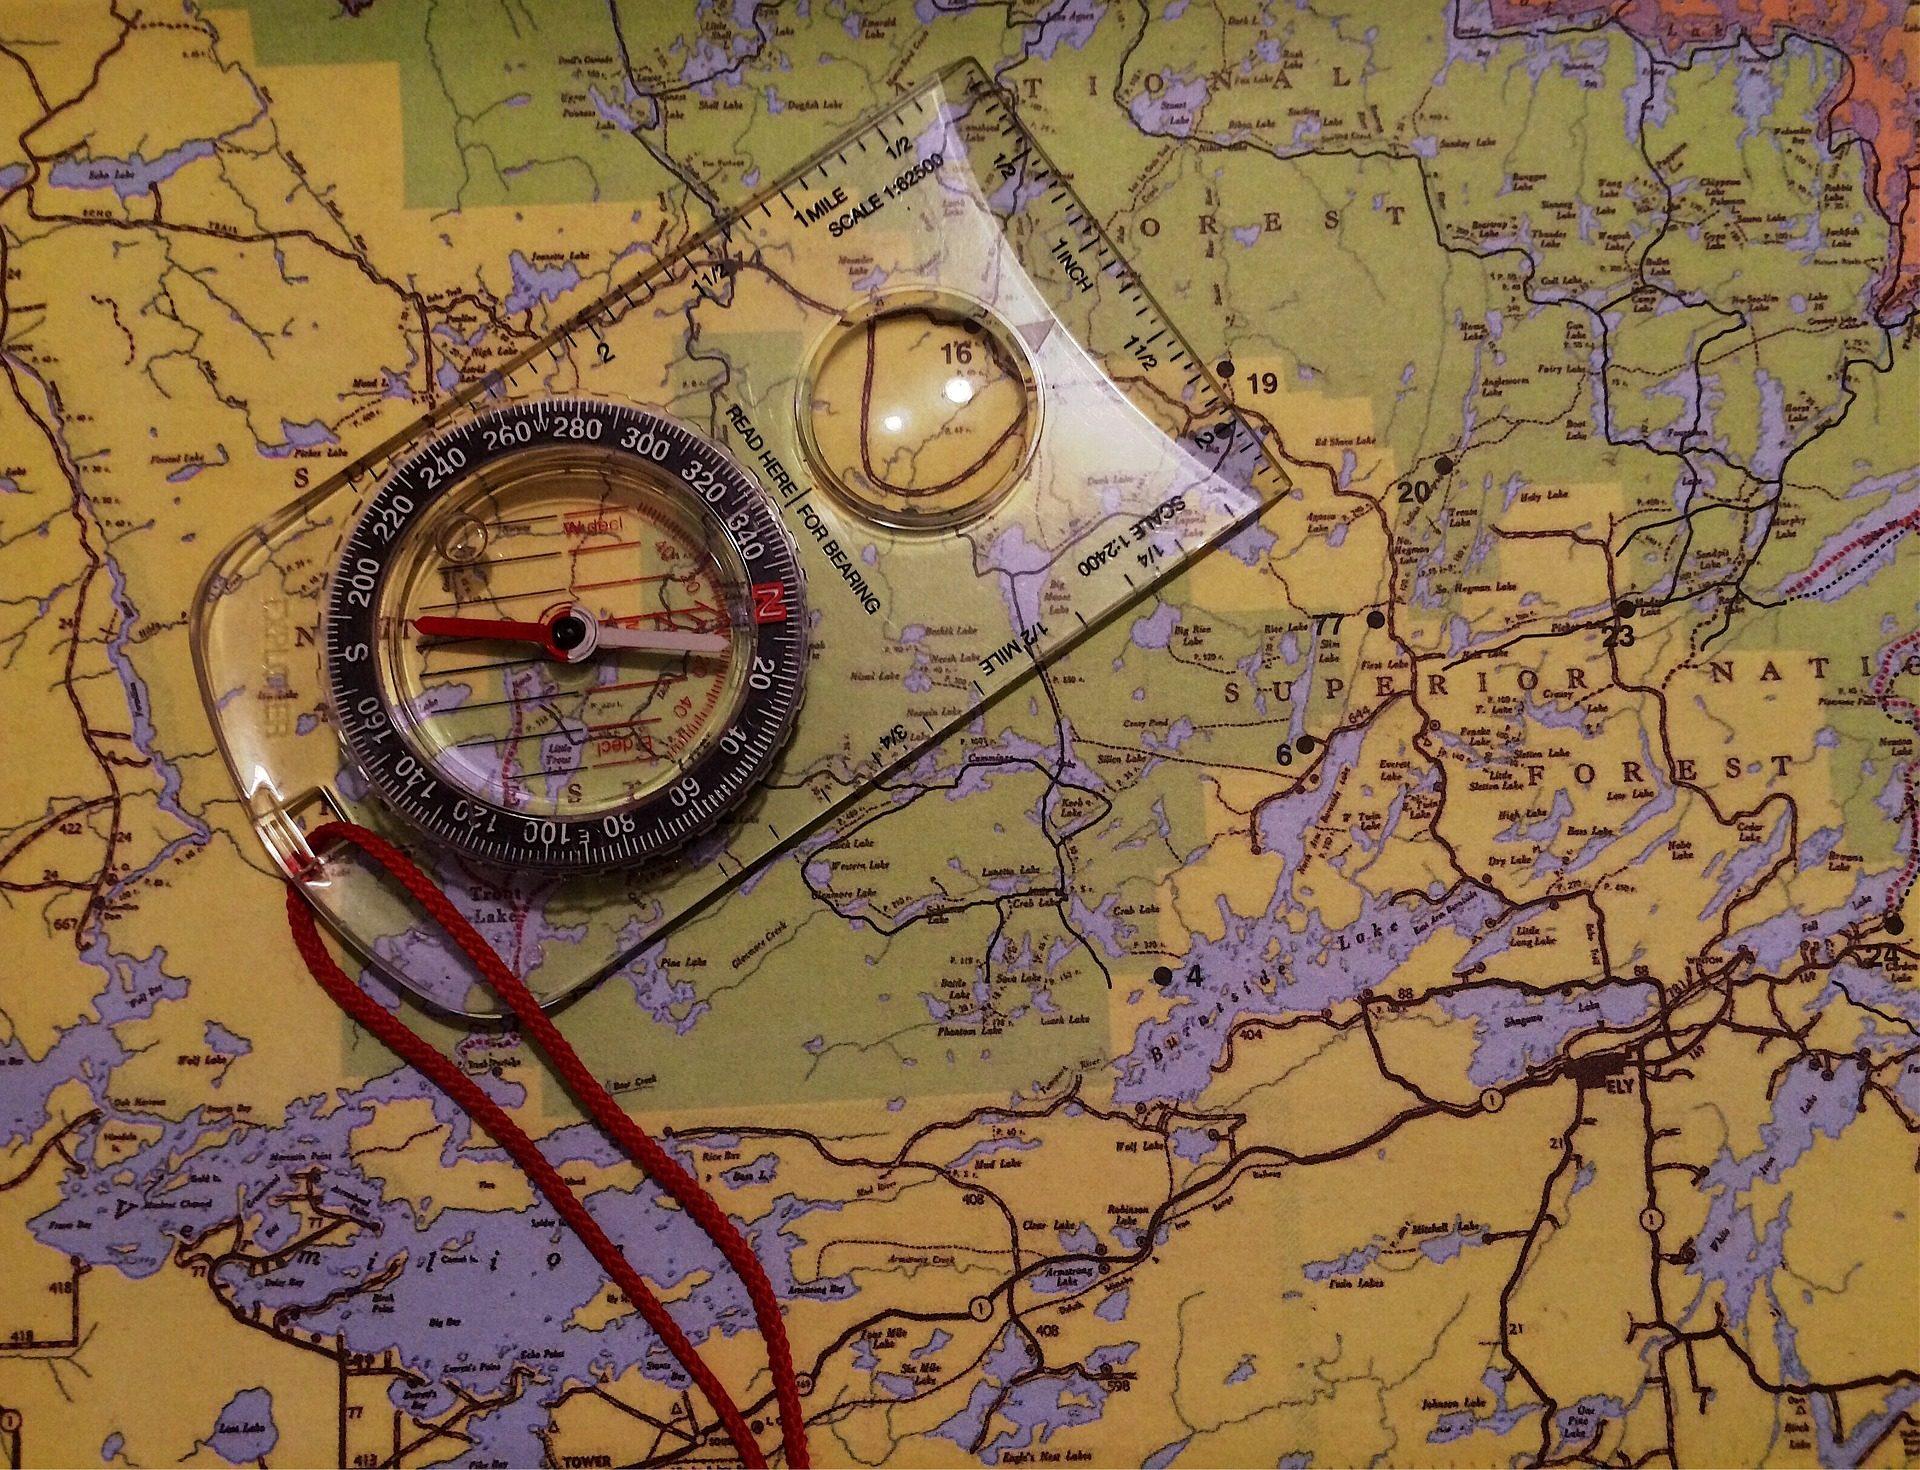 mapa, Bússola, orientação, Geografia, rotas - Papéis de parede HD - Professor-falken.com